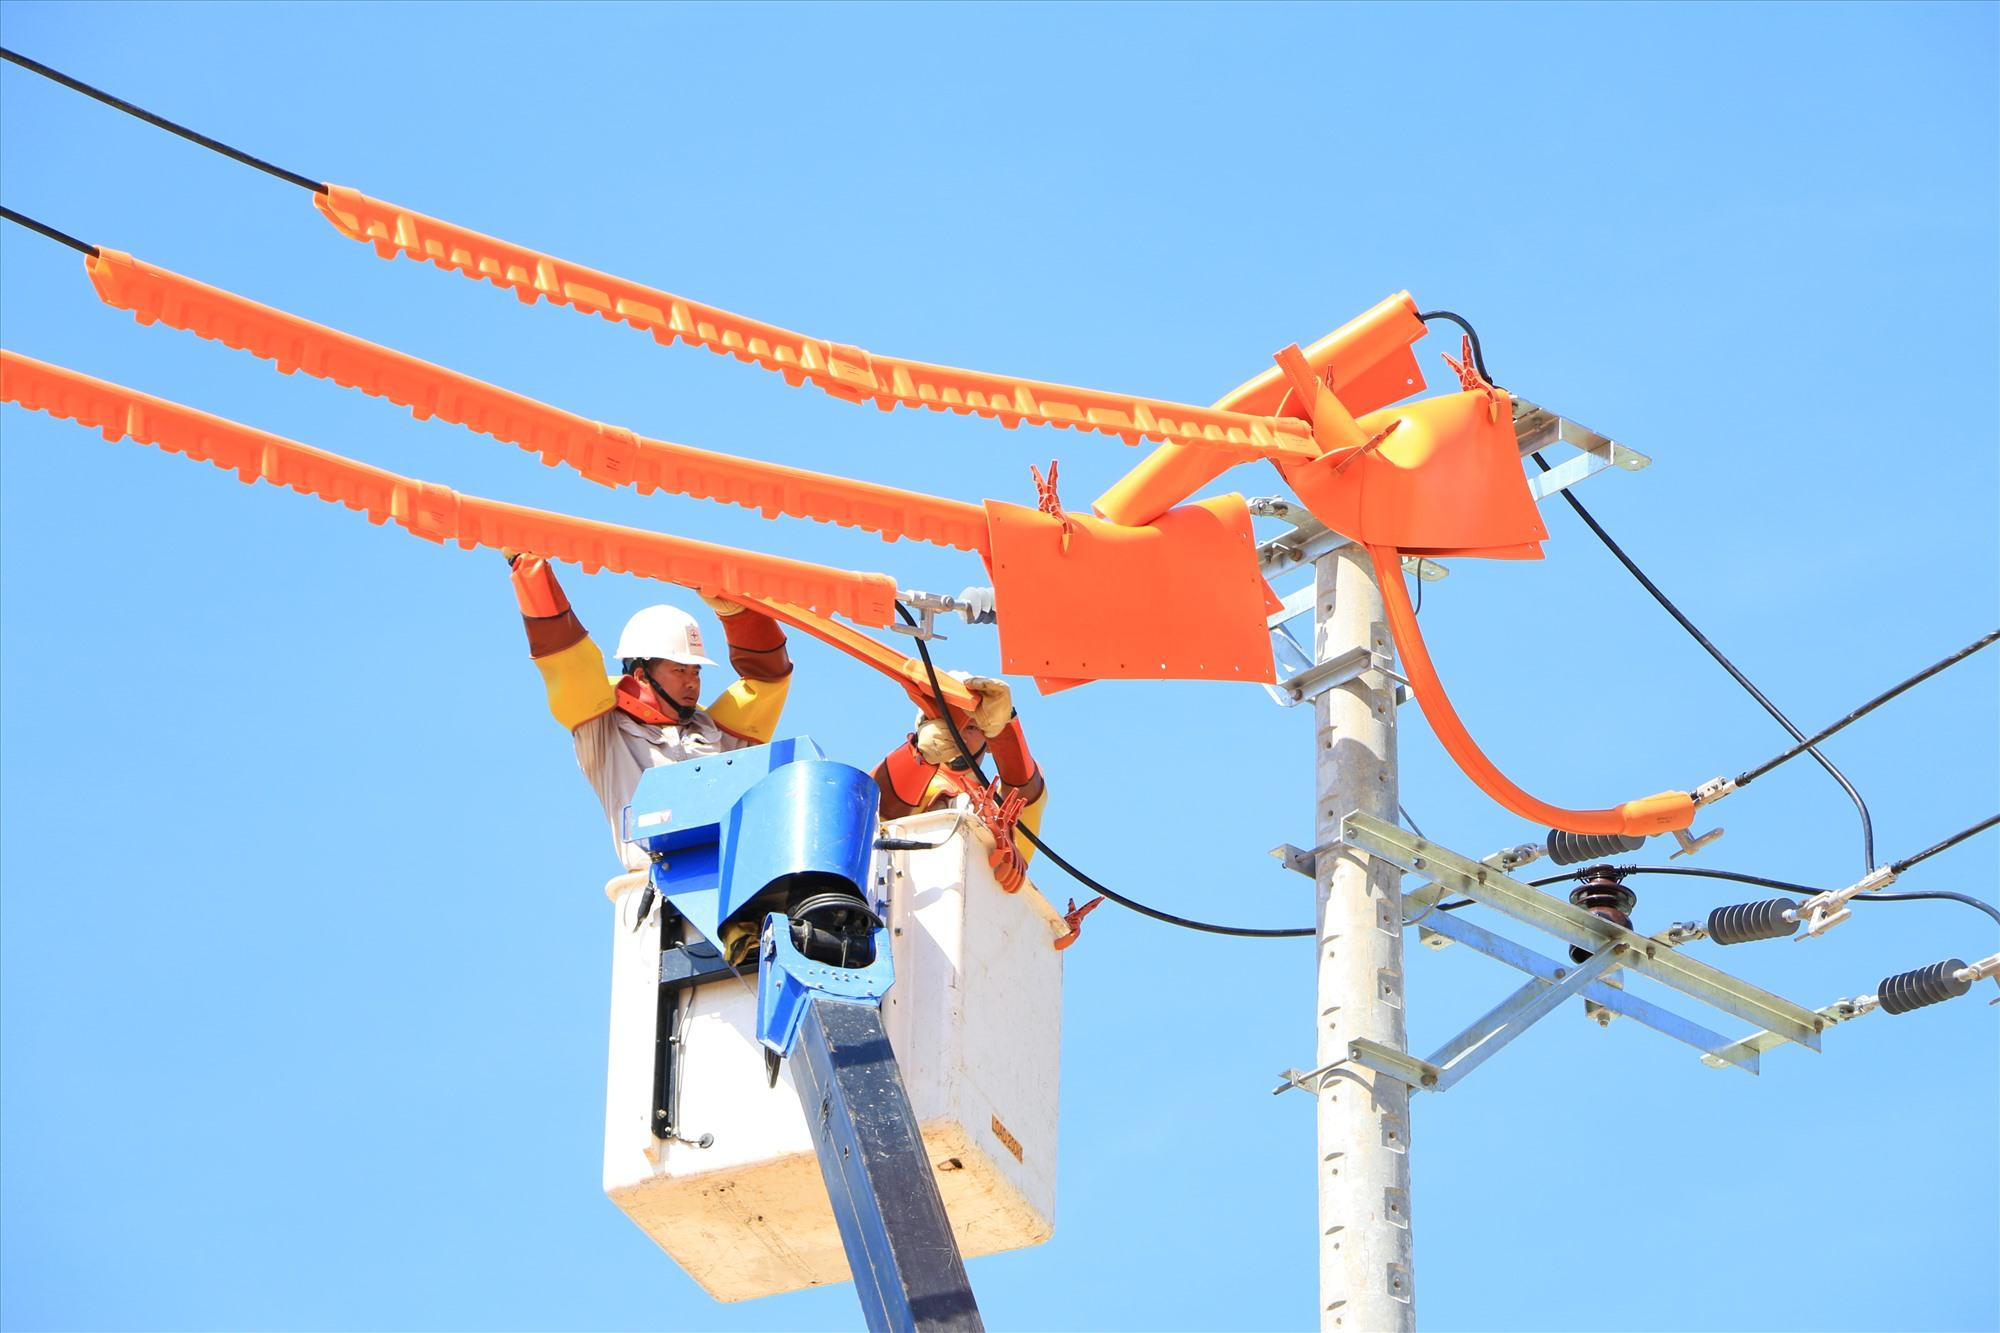 Công nghệ hotline được ngành điện đặc biệt chú trọng để giảm thời gian mất điện của khách hàng. Ảnh: PHƯƠNG GIANG